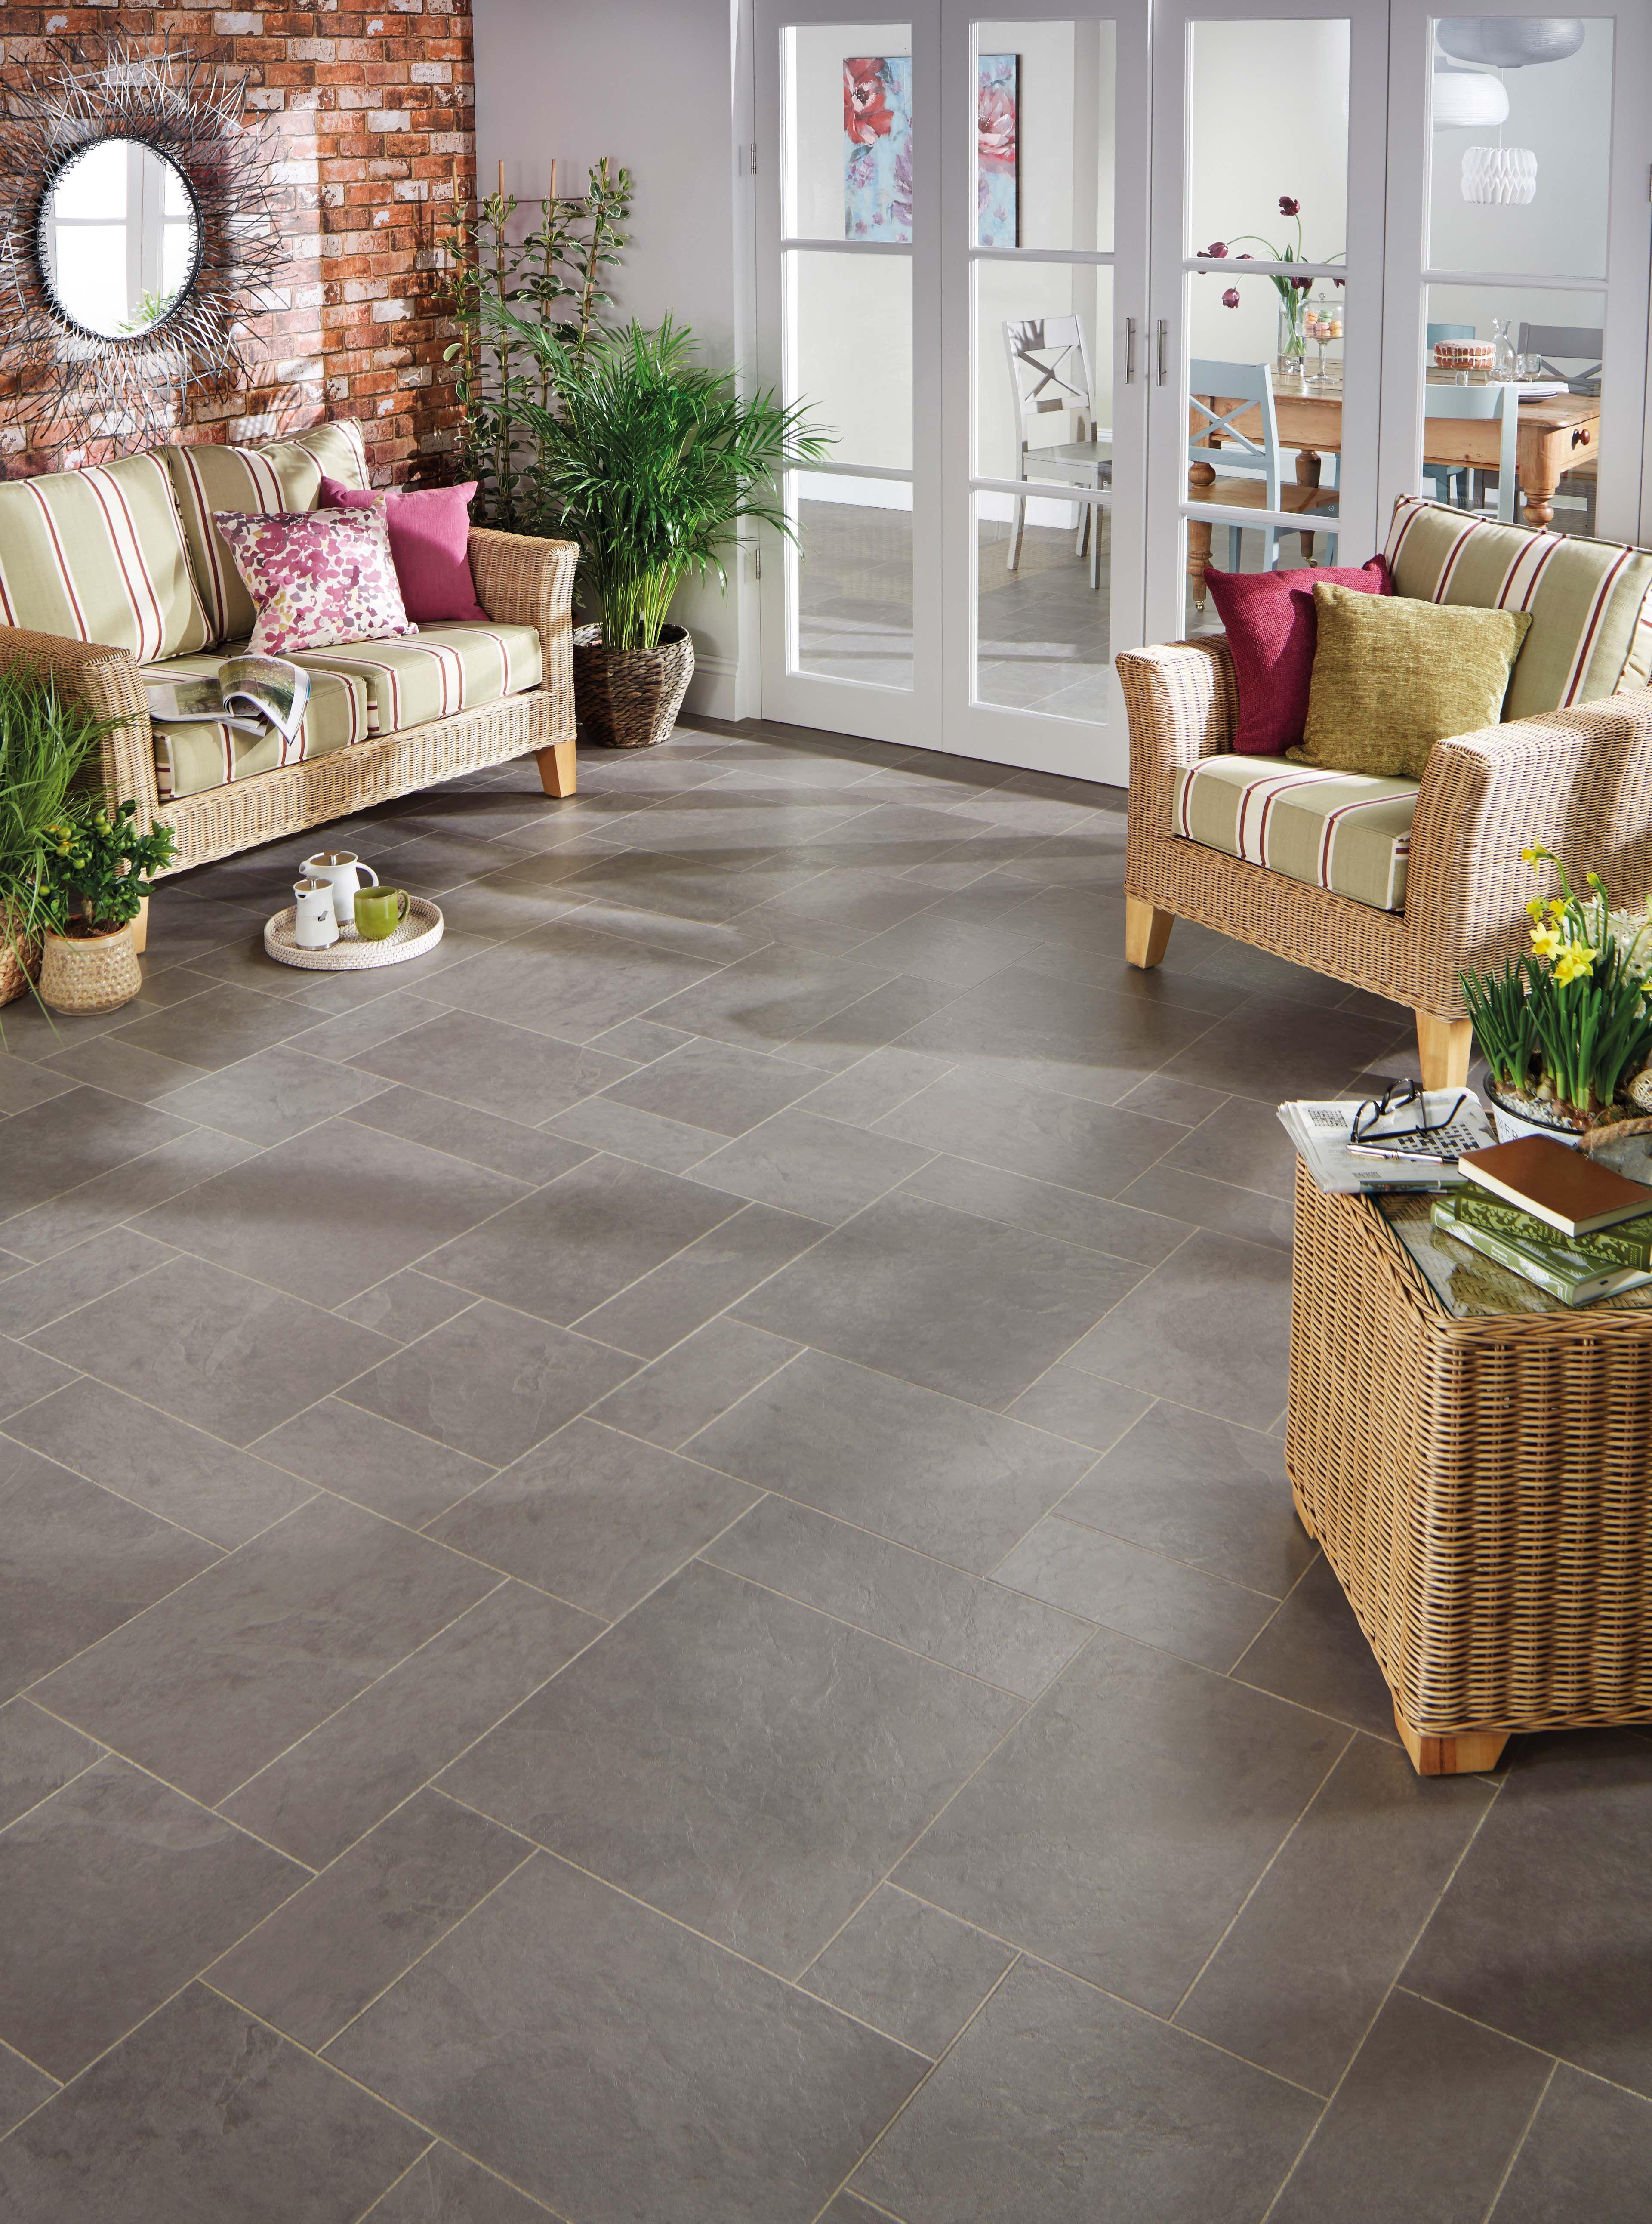 karndeanfloors york karndean floor available from by corris vinyl of rodgers pin flooring